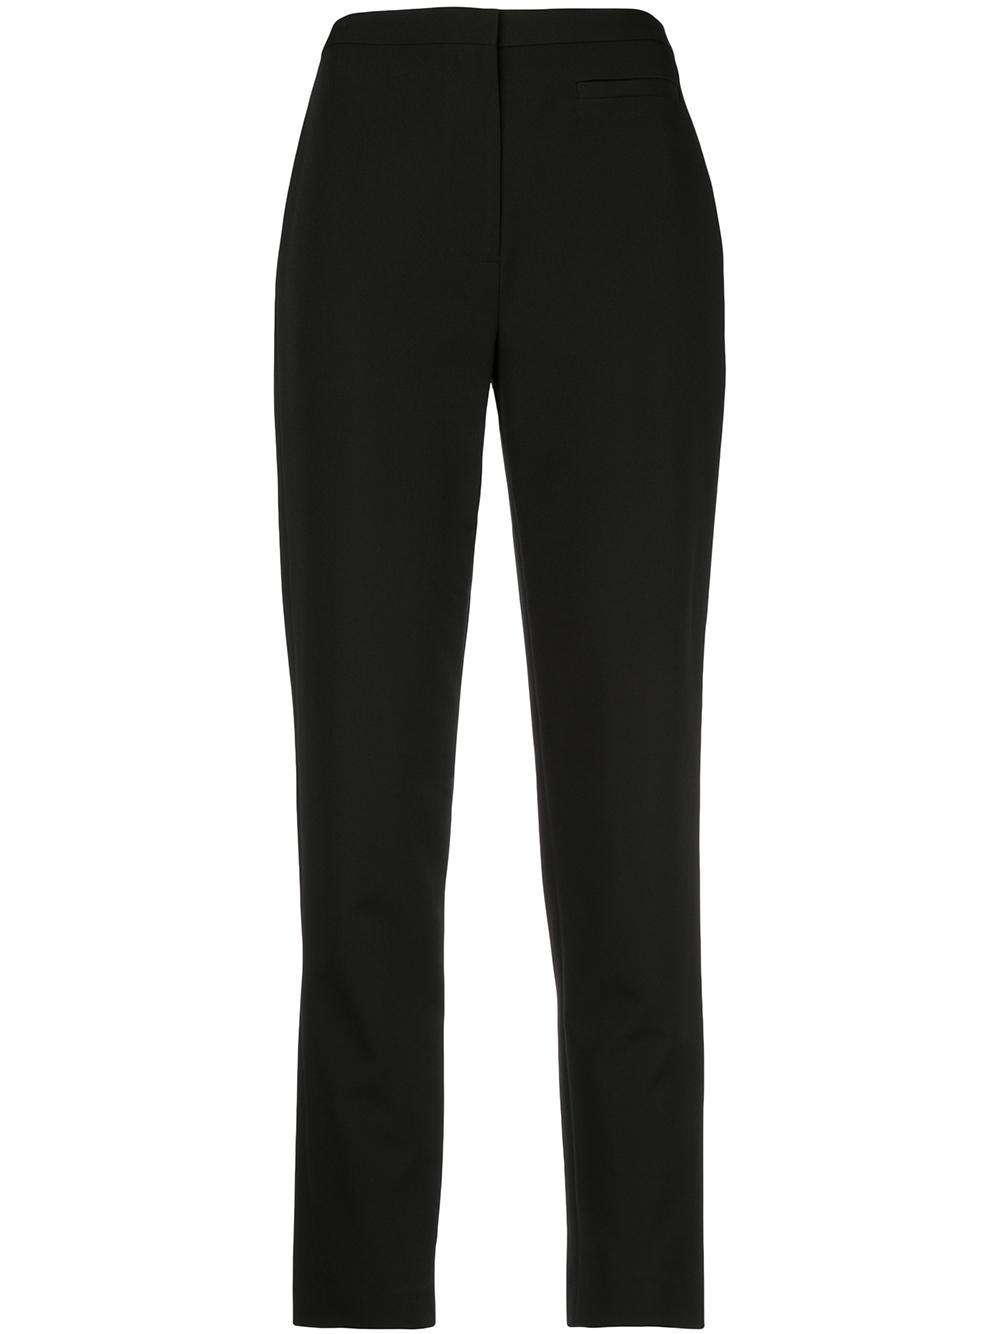 Highwaist Skinny Pant Item # 223IC03994